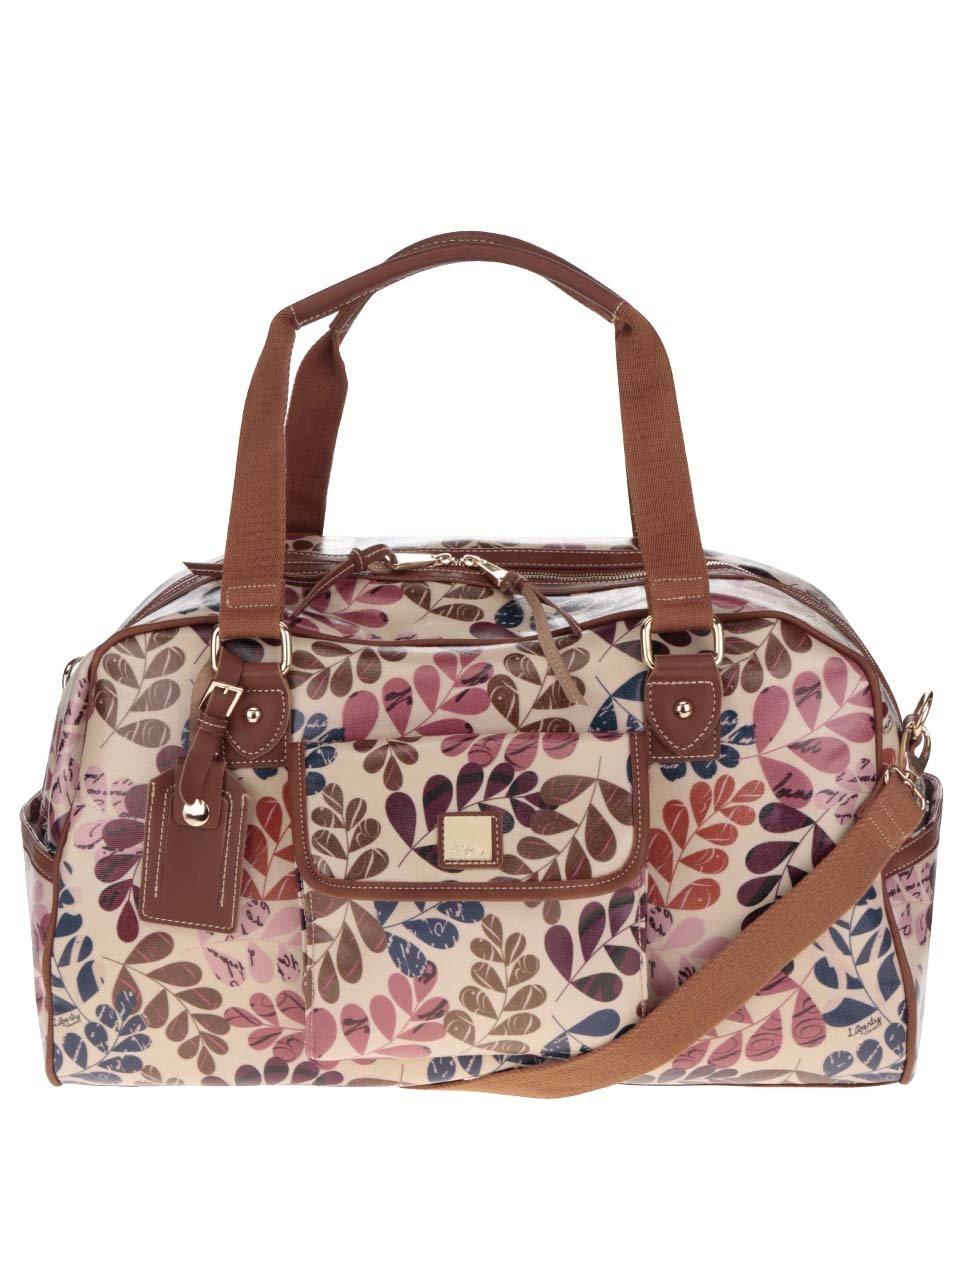 Hnědá květovaná cestovní taška s koženými detaily Liberty by Gionni Lea